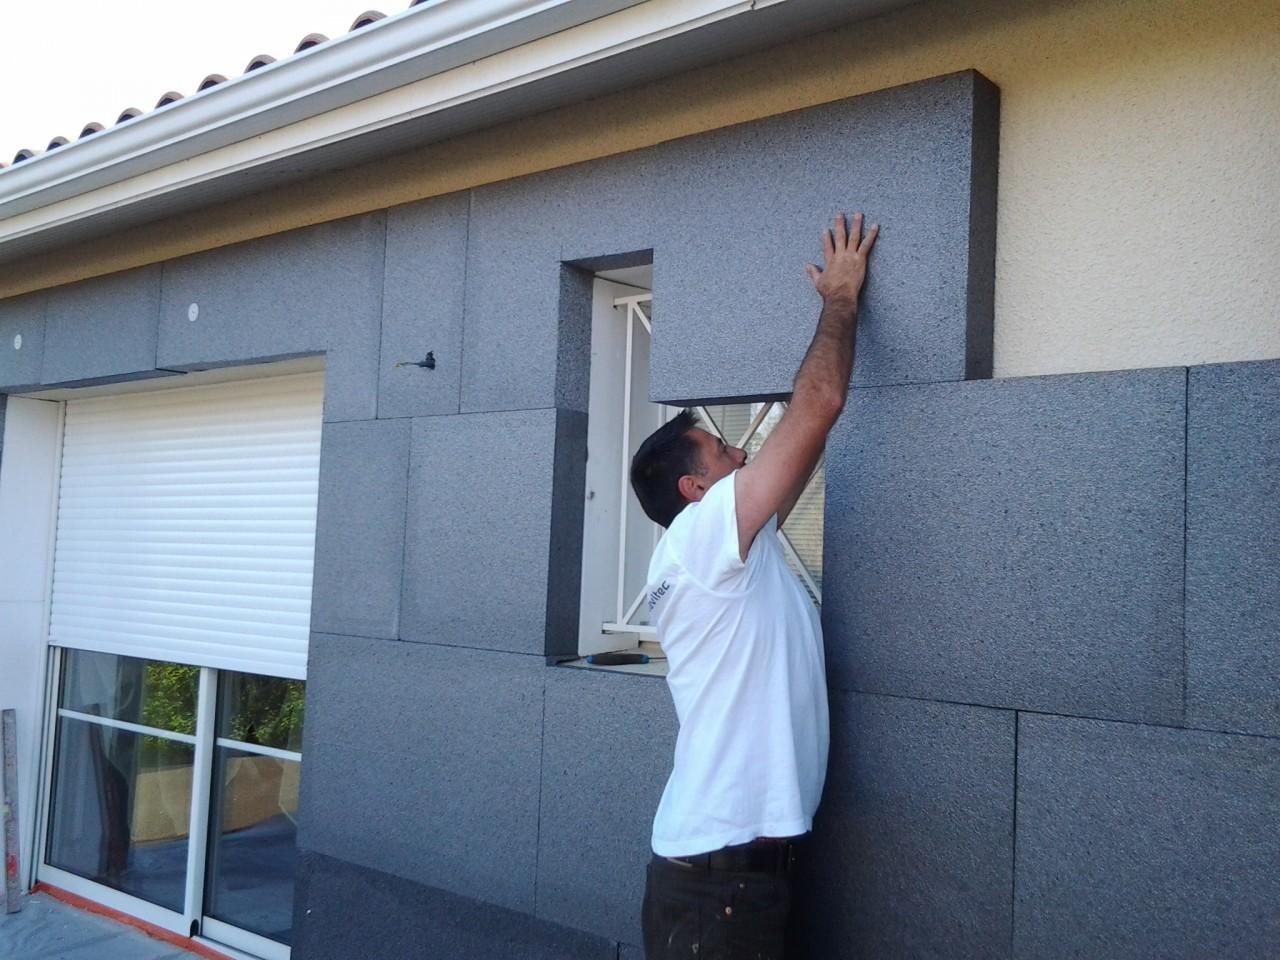 Isolation Mur Exterieur Renovation isolation par l'extérieur : que faut-il penser du polystyrène ?